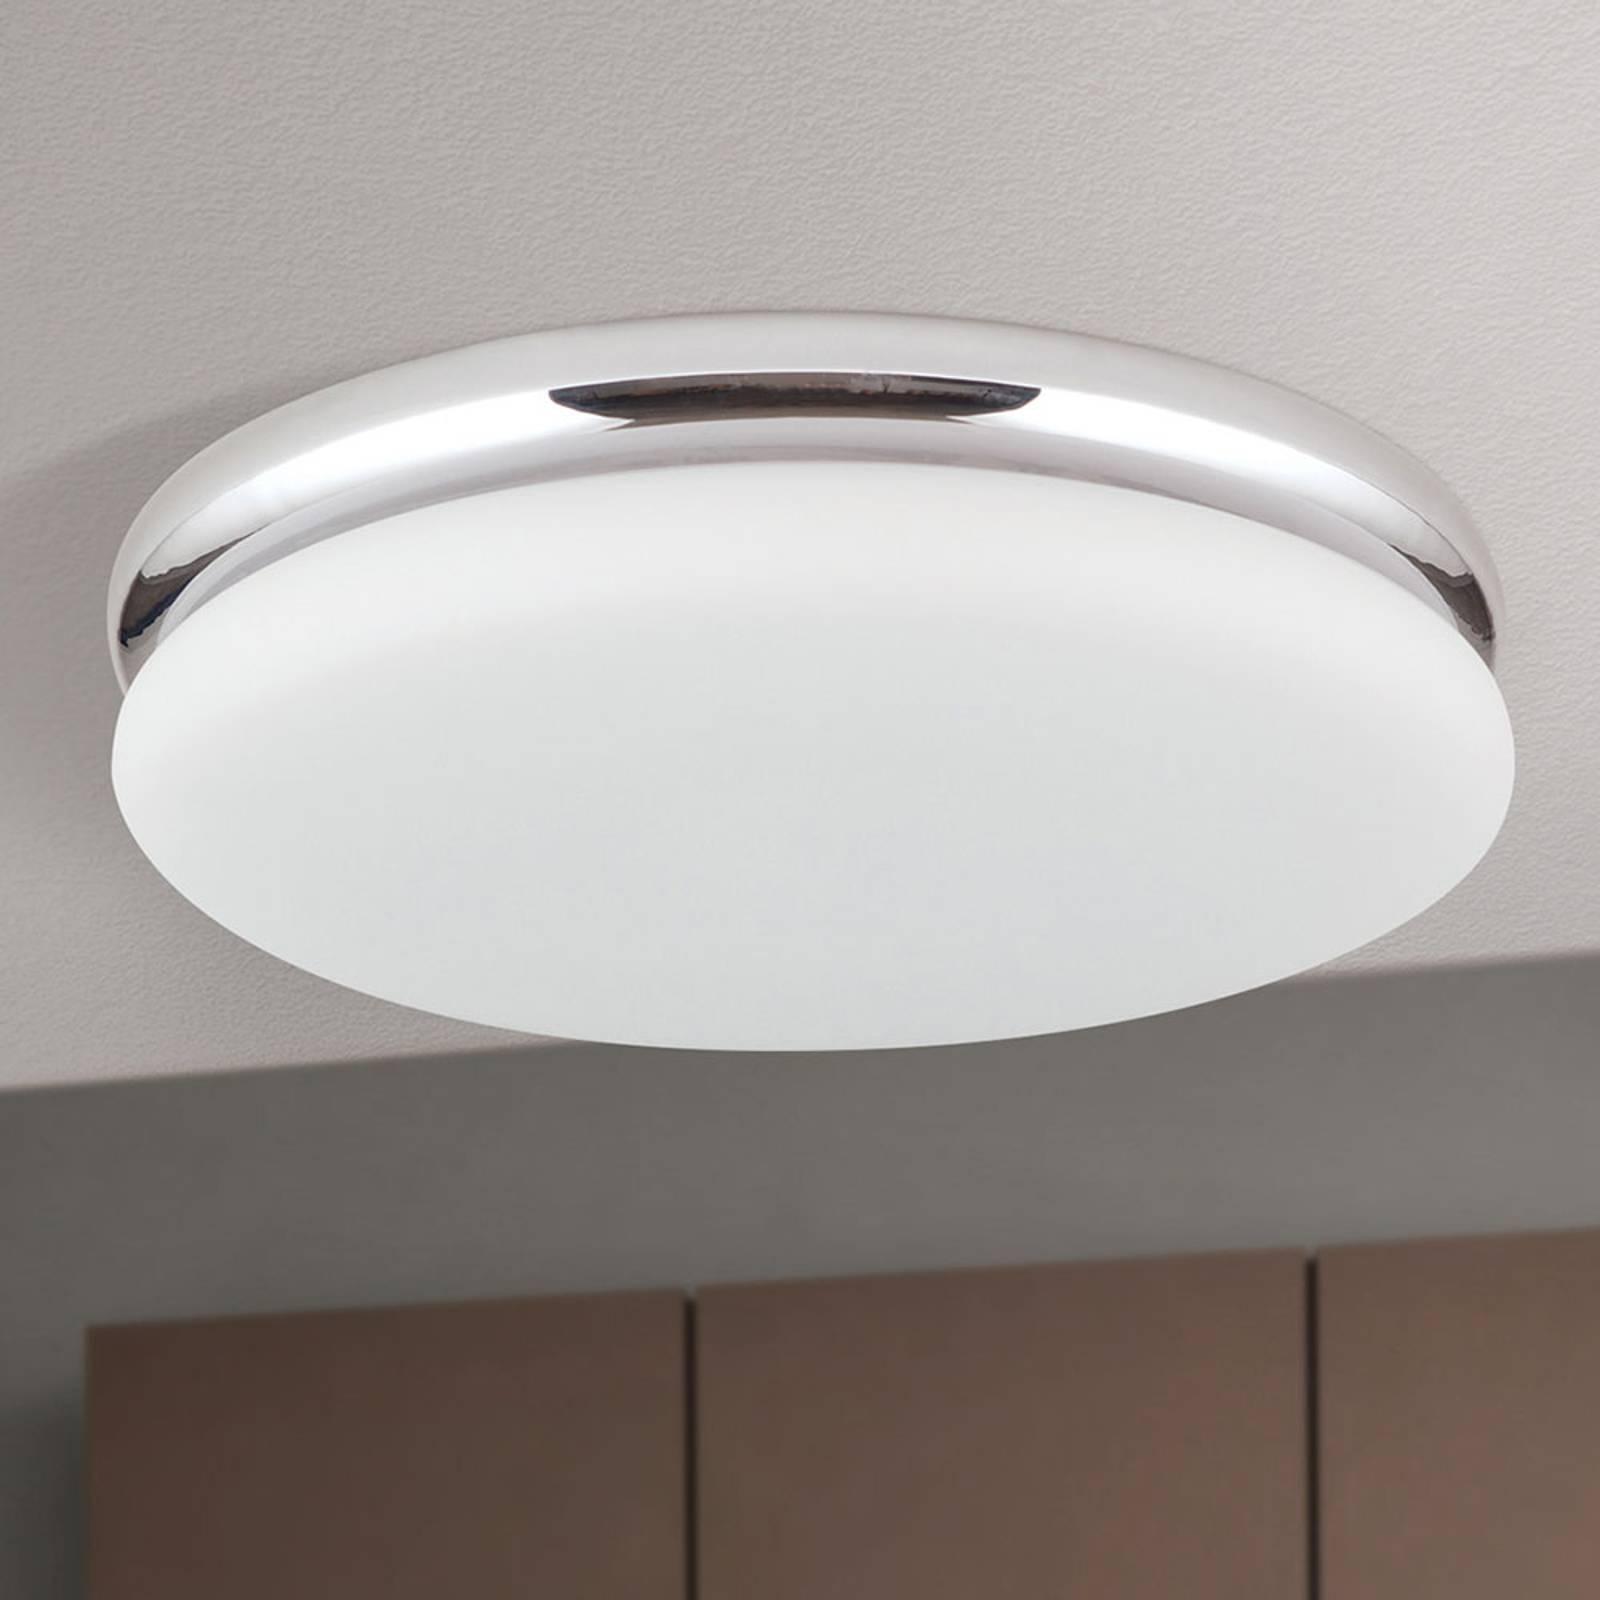 LED-Deckenleuchte James mit Metallgehäuse, chrom